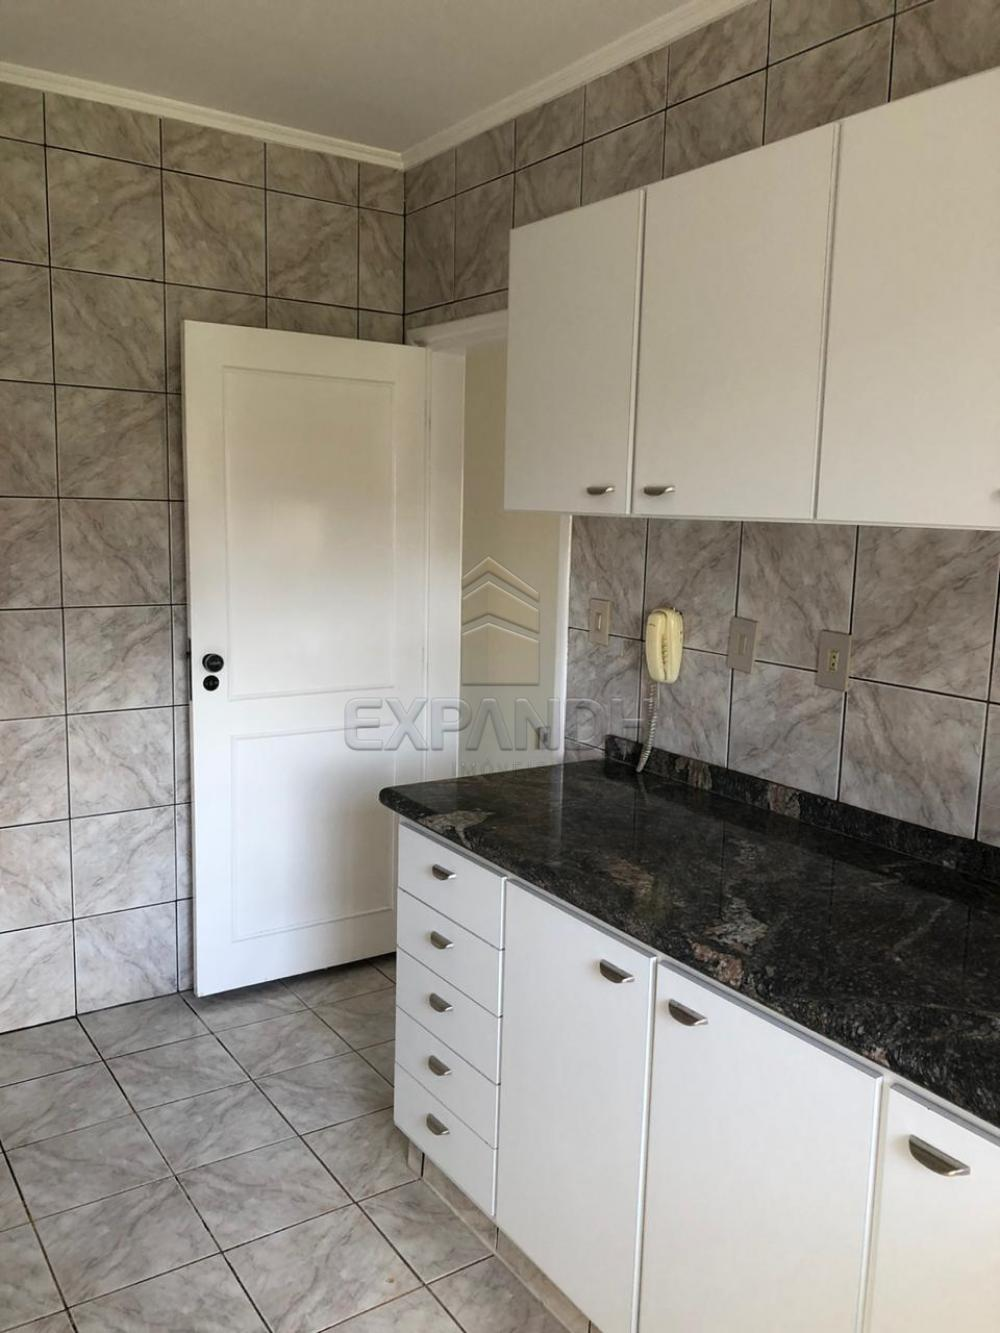 Alugar Apartamentos / Padrão em Sertãozinho R$ 1.728,00 - Foto 7